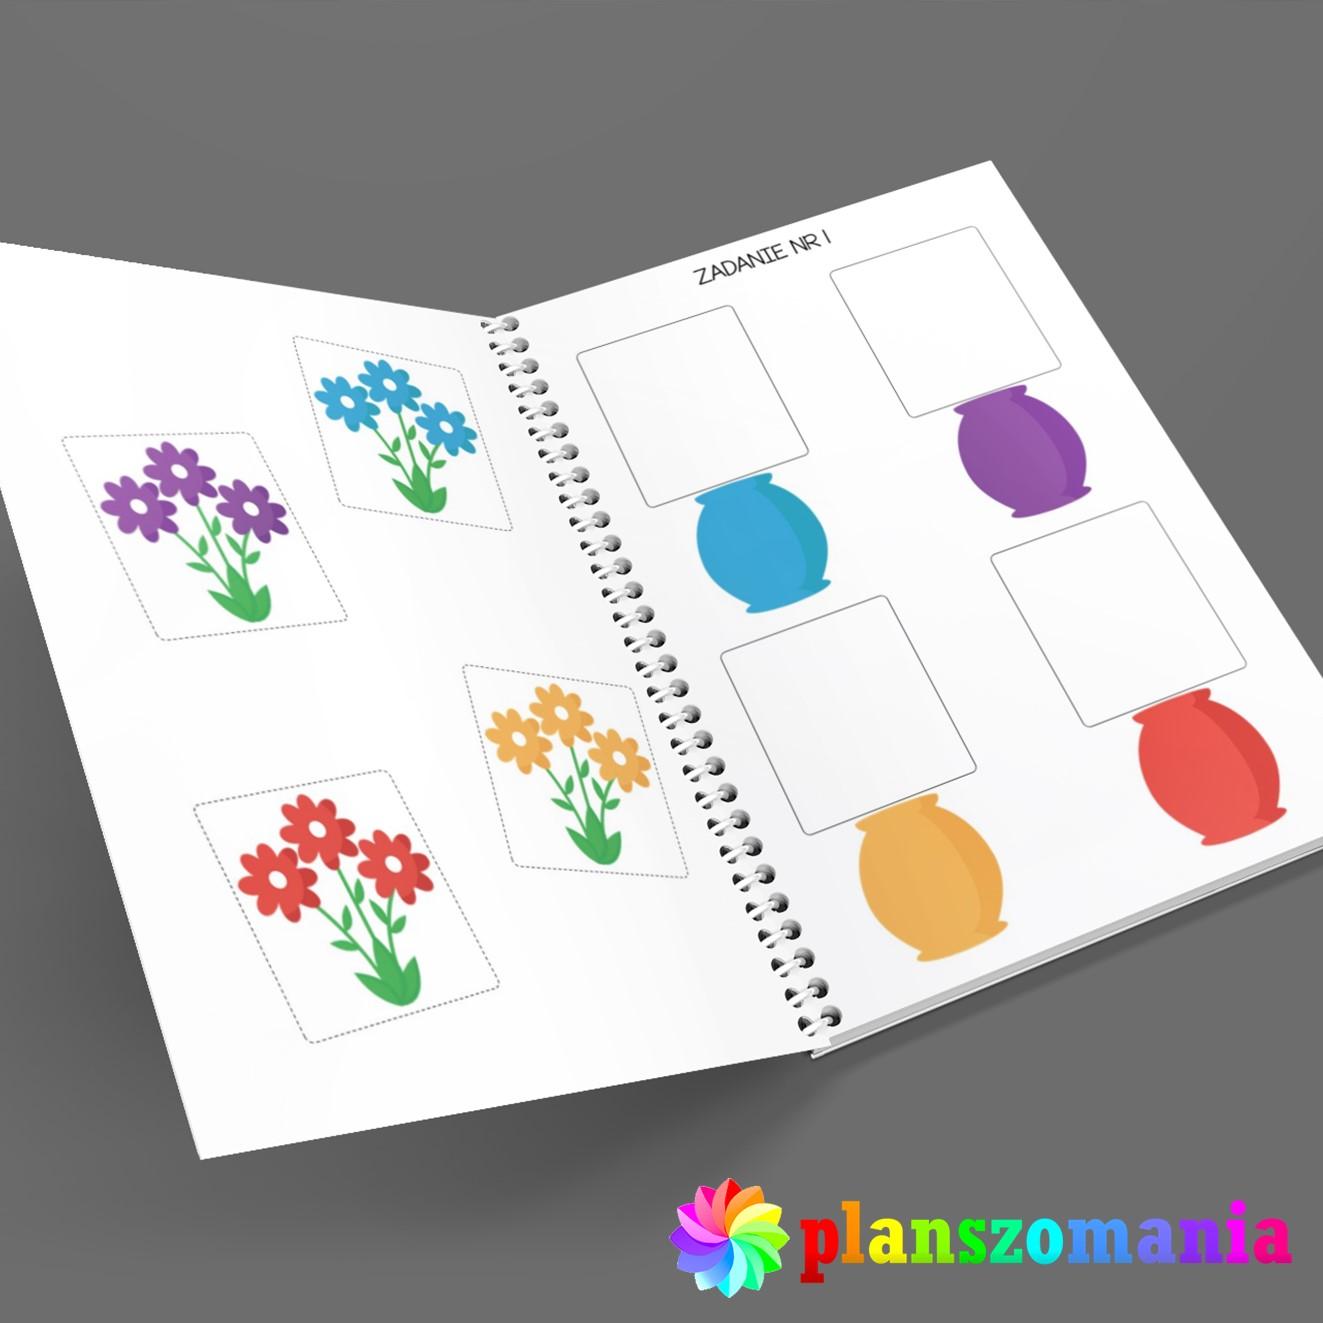 poznaję kolory nauka kolorów dla dzieci do druku pdf za darmo planszomania